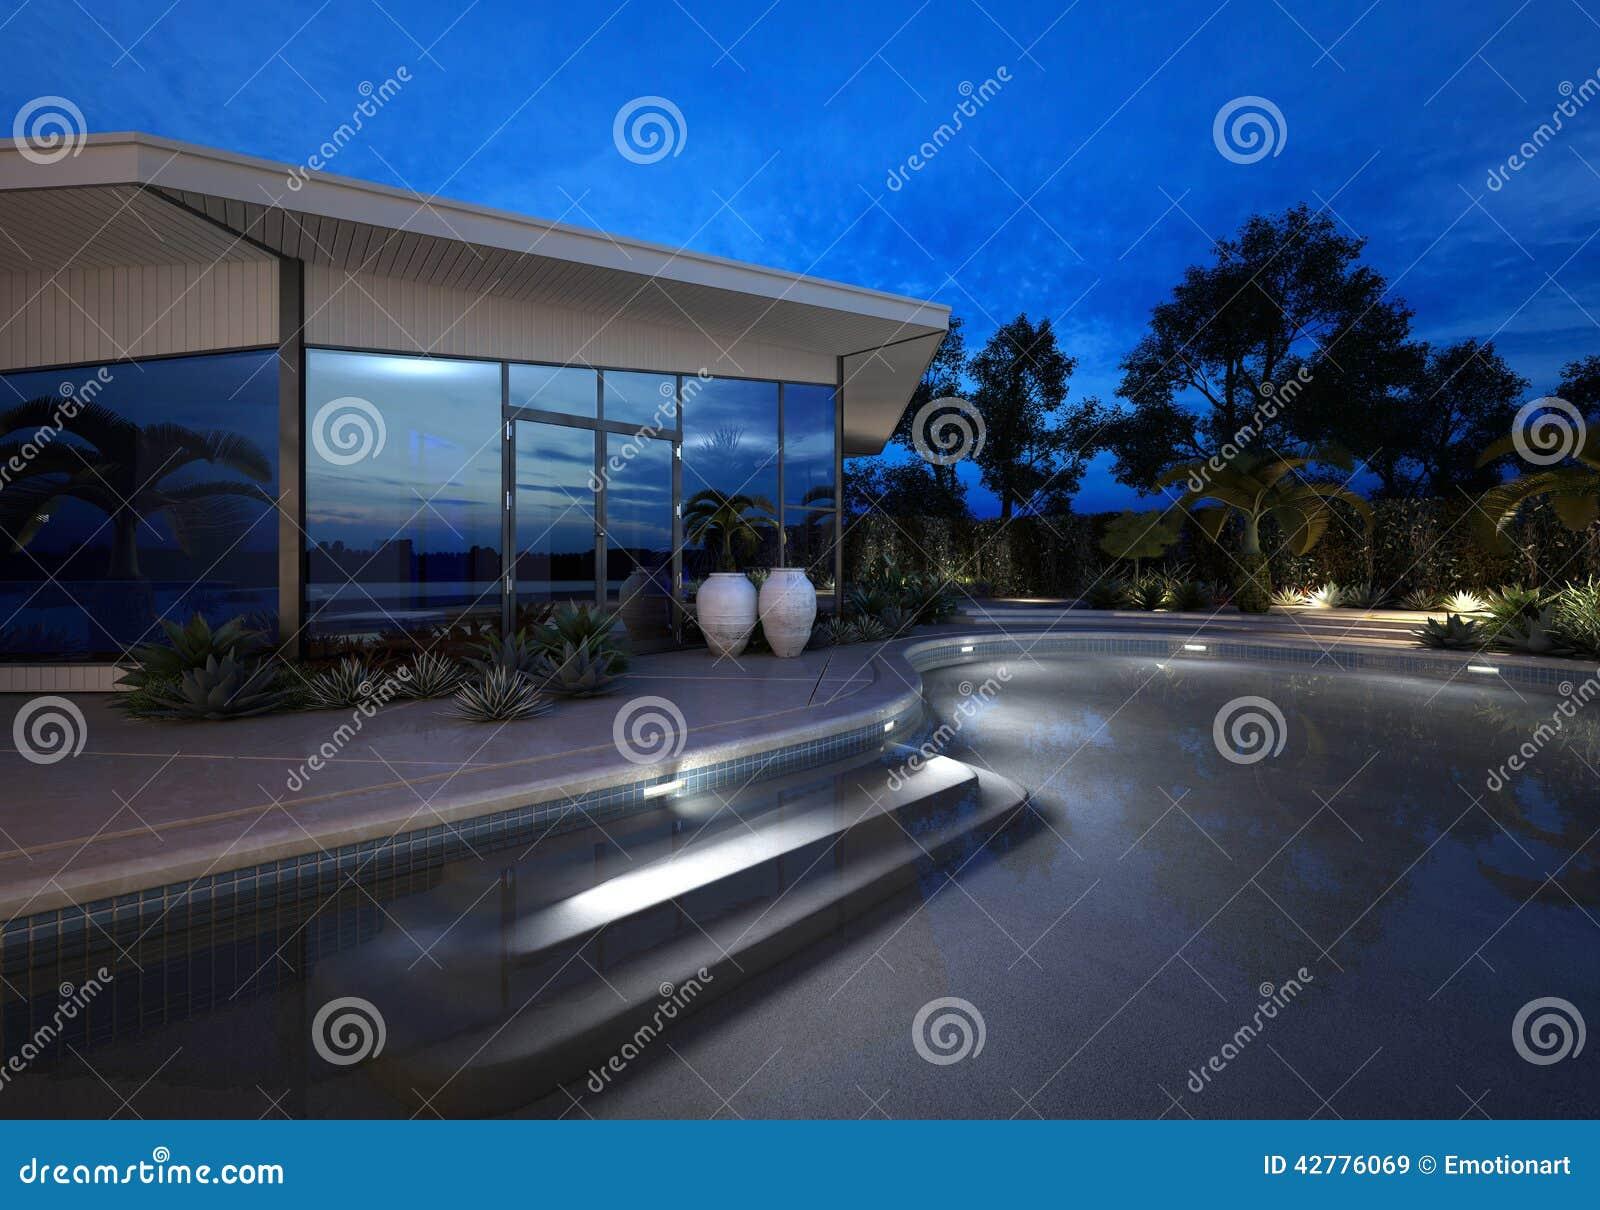 Casa de campo luxuosa na noite com uma associação iluminada